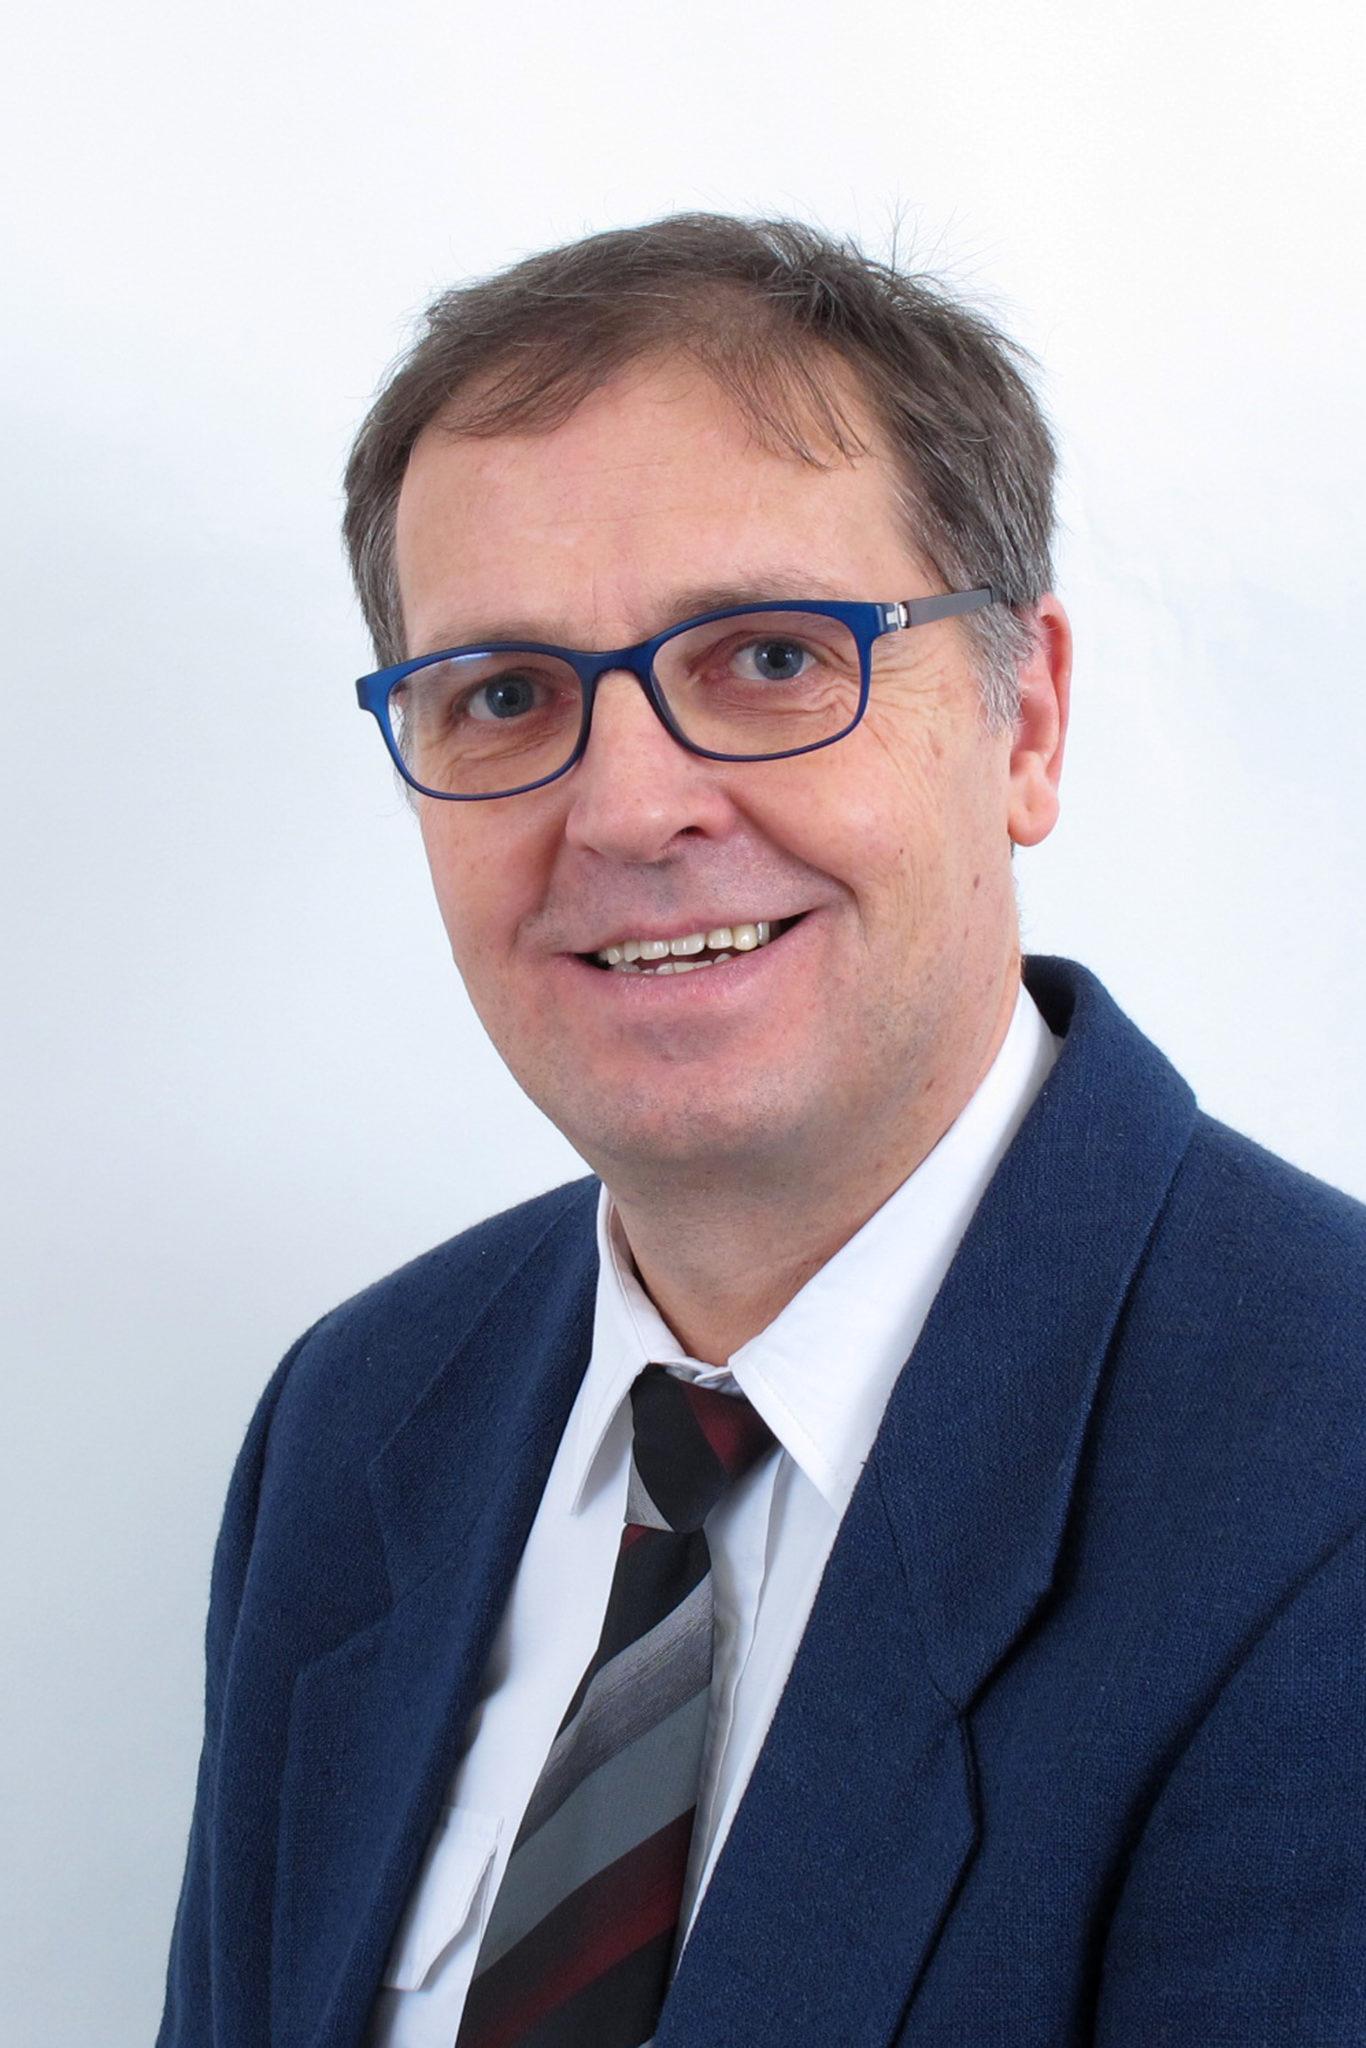 Klaus Bangert FWG